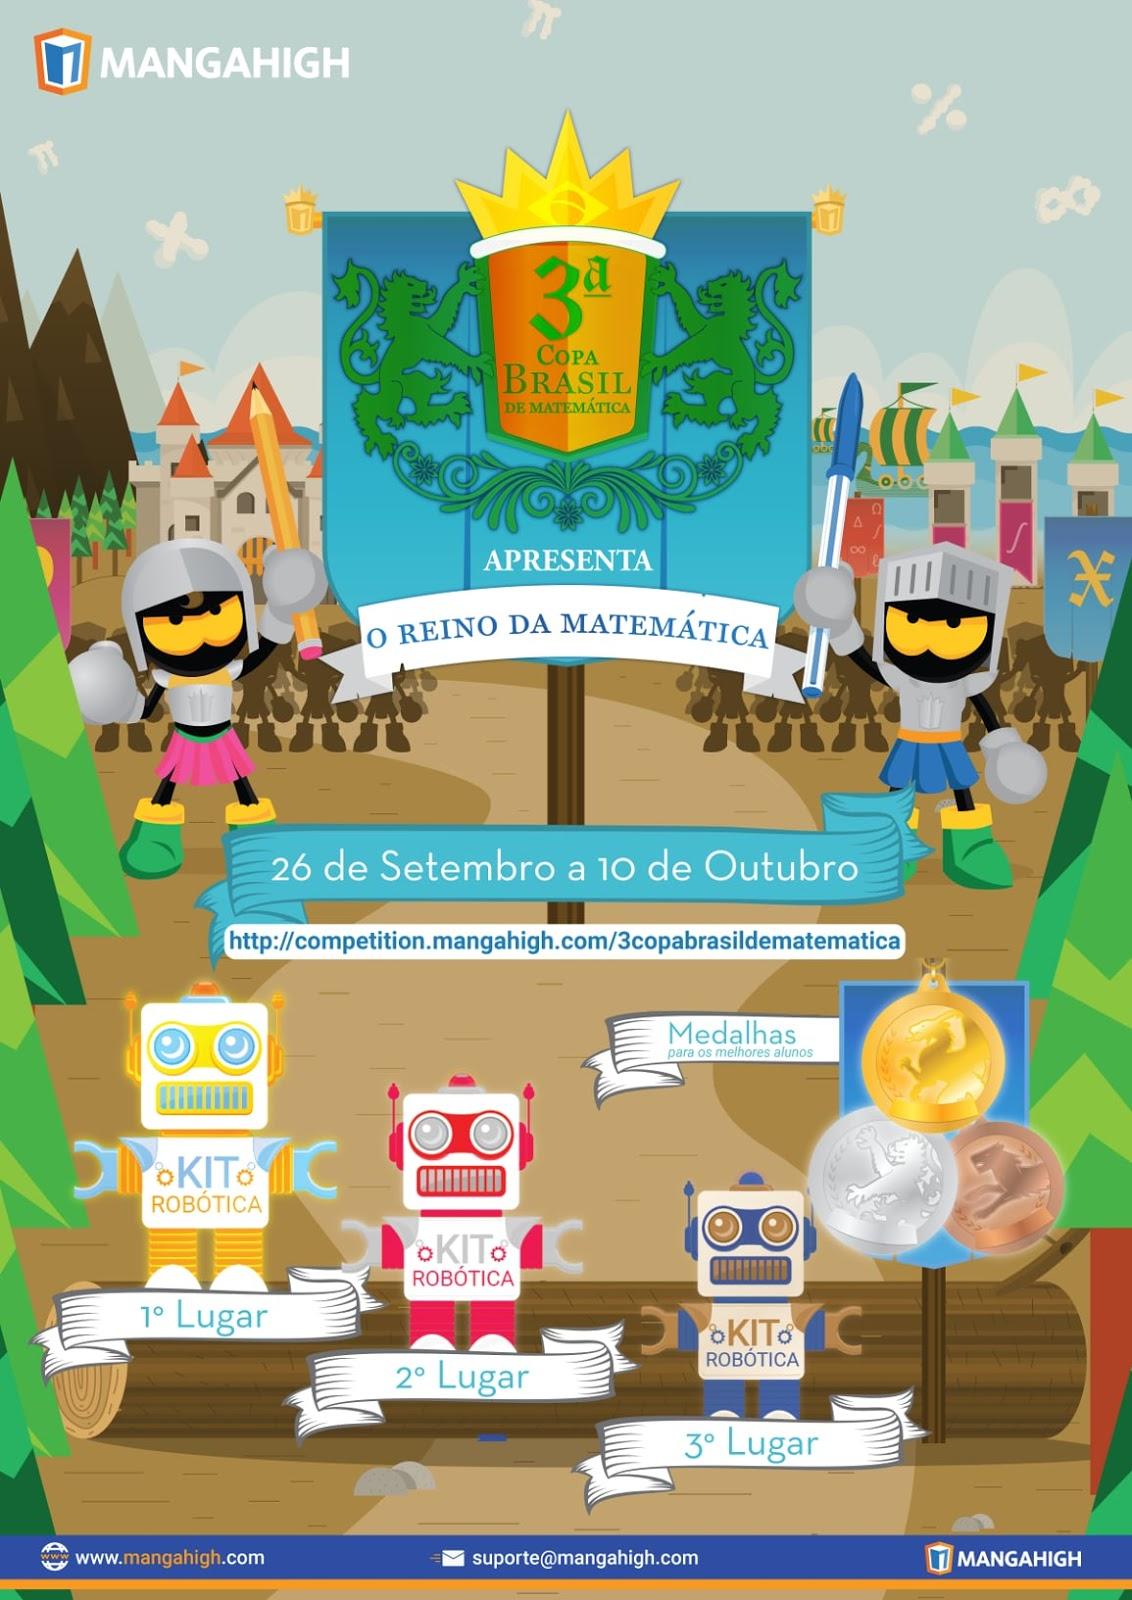 3ª Copa do Brasil de Matemática: O Reino da Matemática